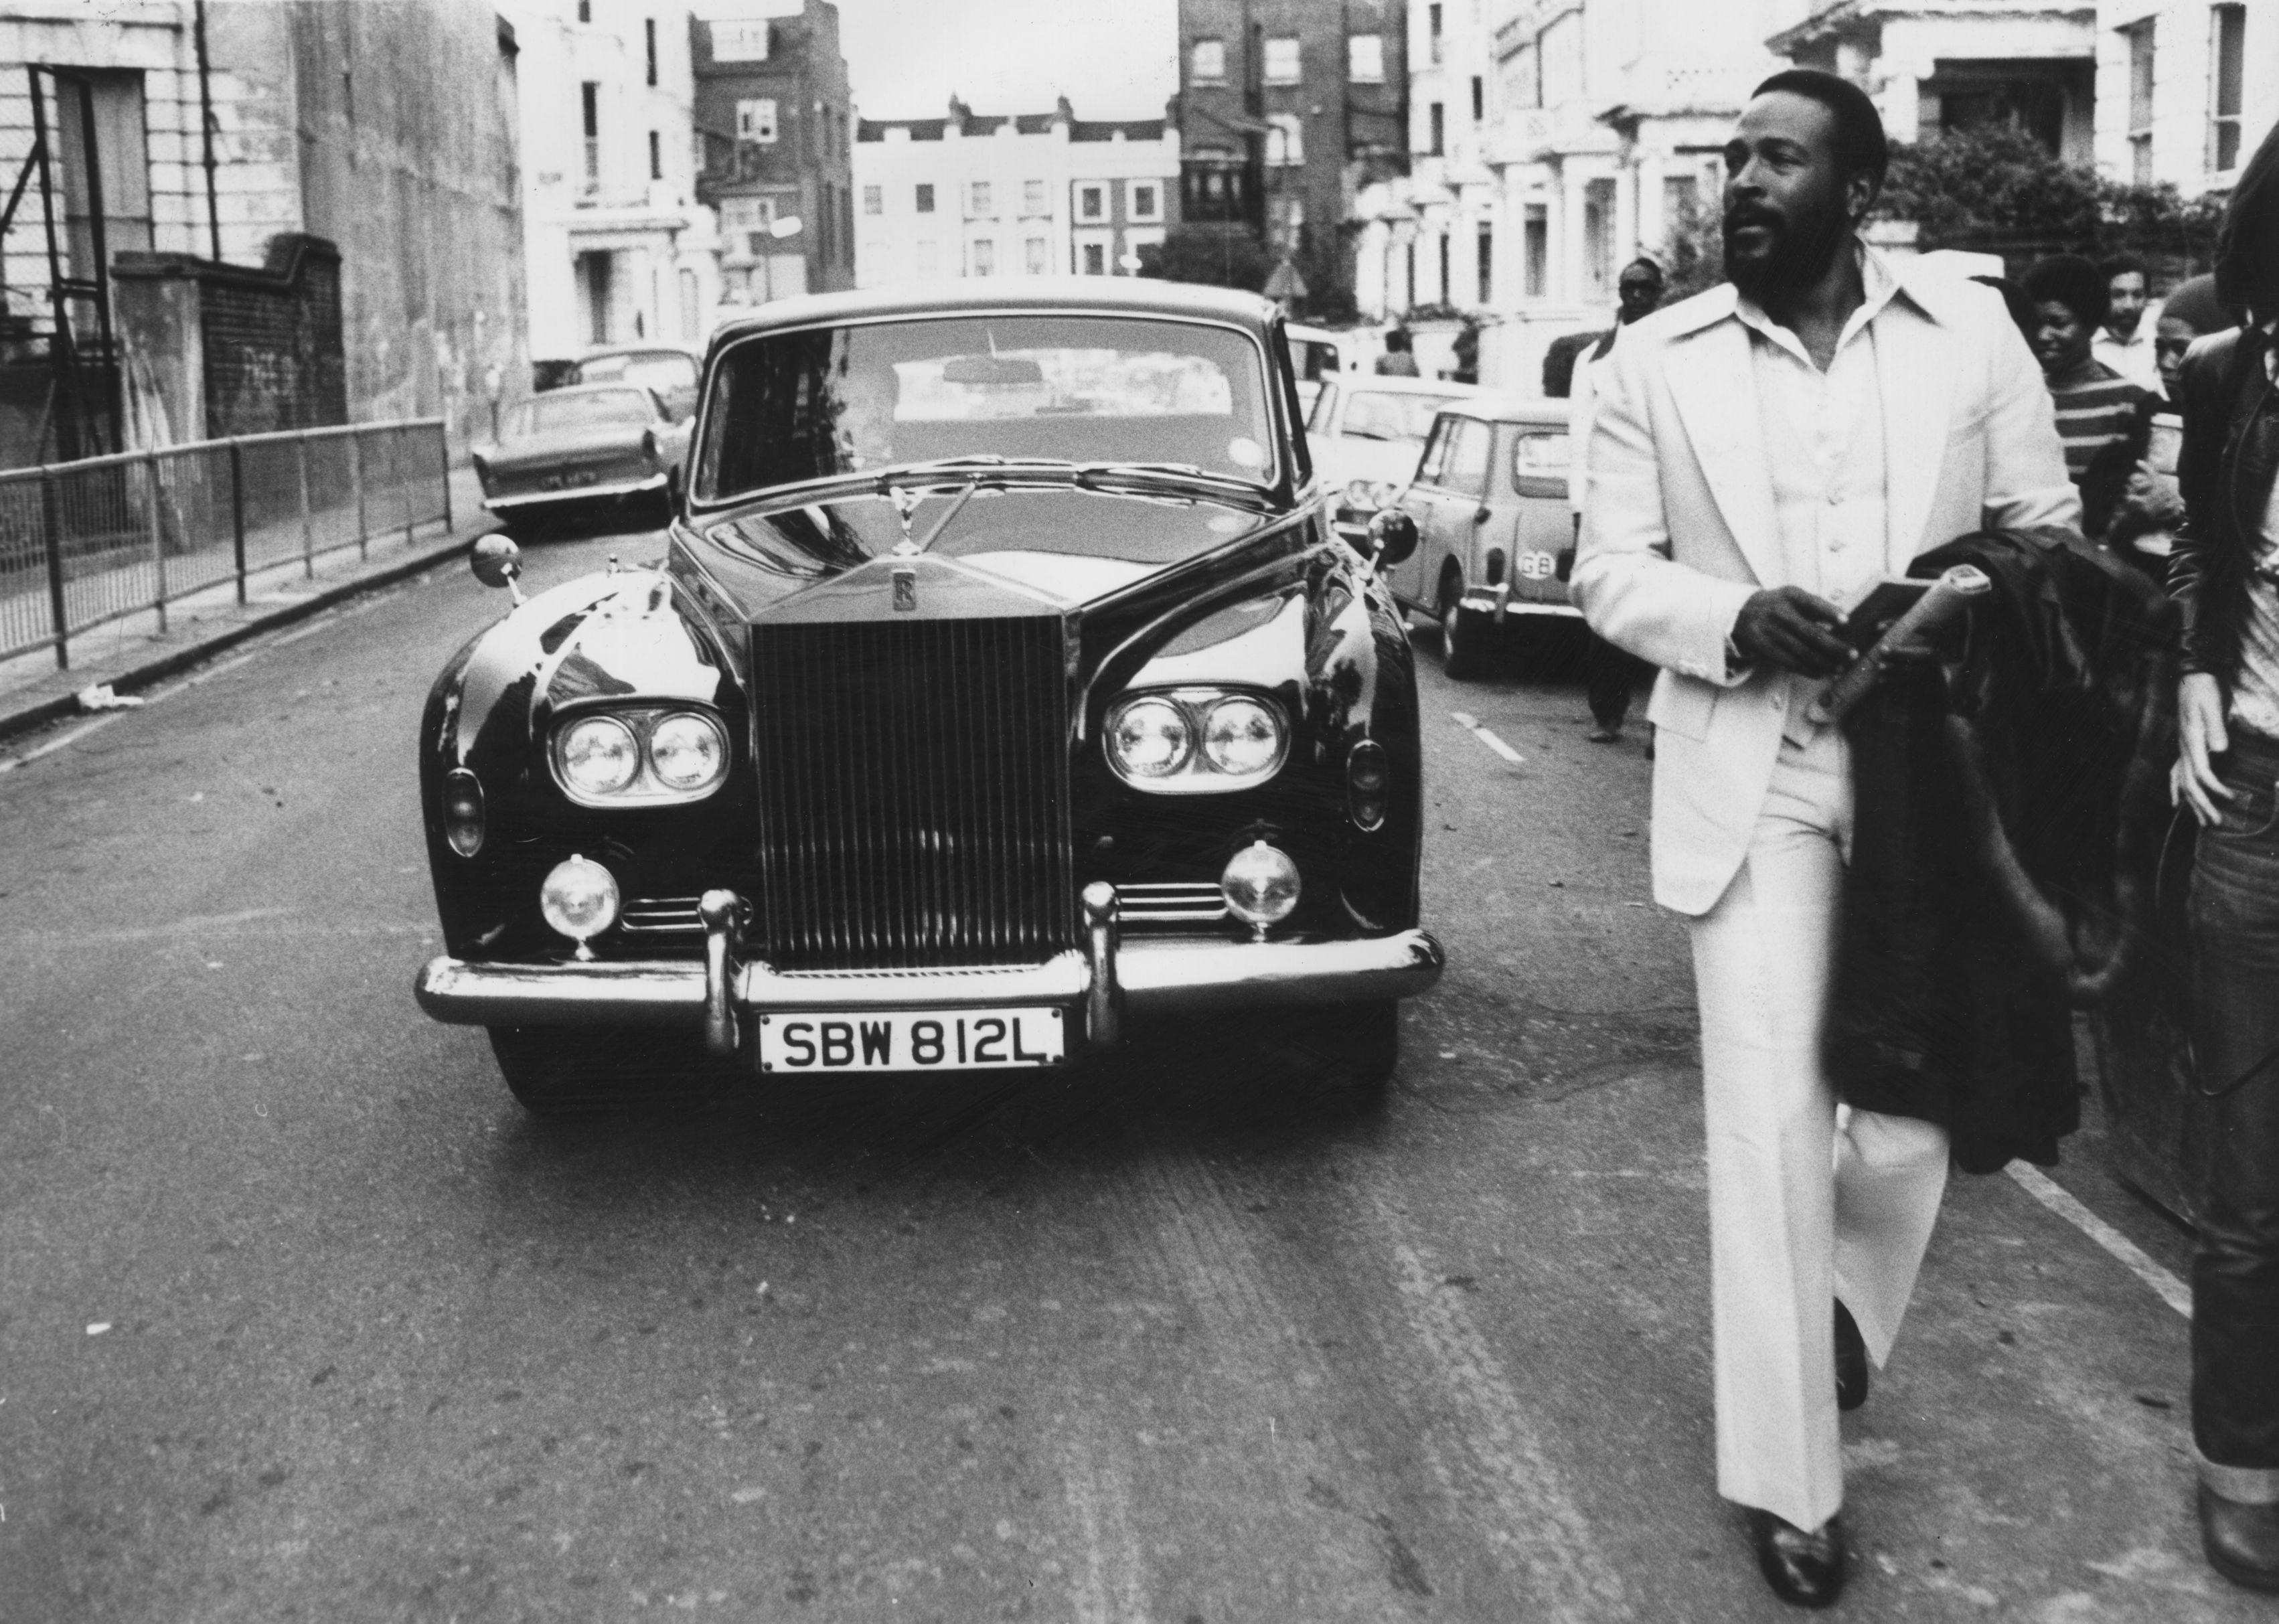 """Марвин Гейе смятан е за един от най-добрите певци на своето време.През 70-те години Гей записва няколко забележителни албума, сред които """"Let's Get It On"""" и """"I Want You"""", тогава се появяват и хитовете му всоул музиката.На 1 април 1984 г., ден преди да навърши 45, забележителният музикант е застрелян от баща си. Трагедията става в дома им в Лос Анджелис след жестока кавга между двамата."""